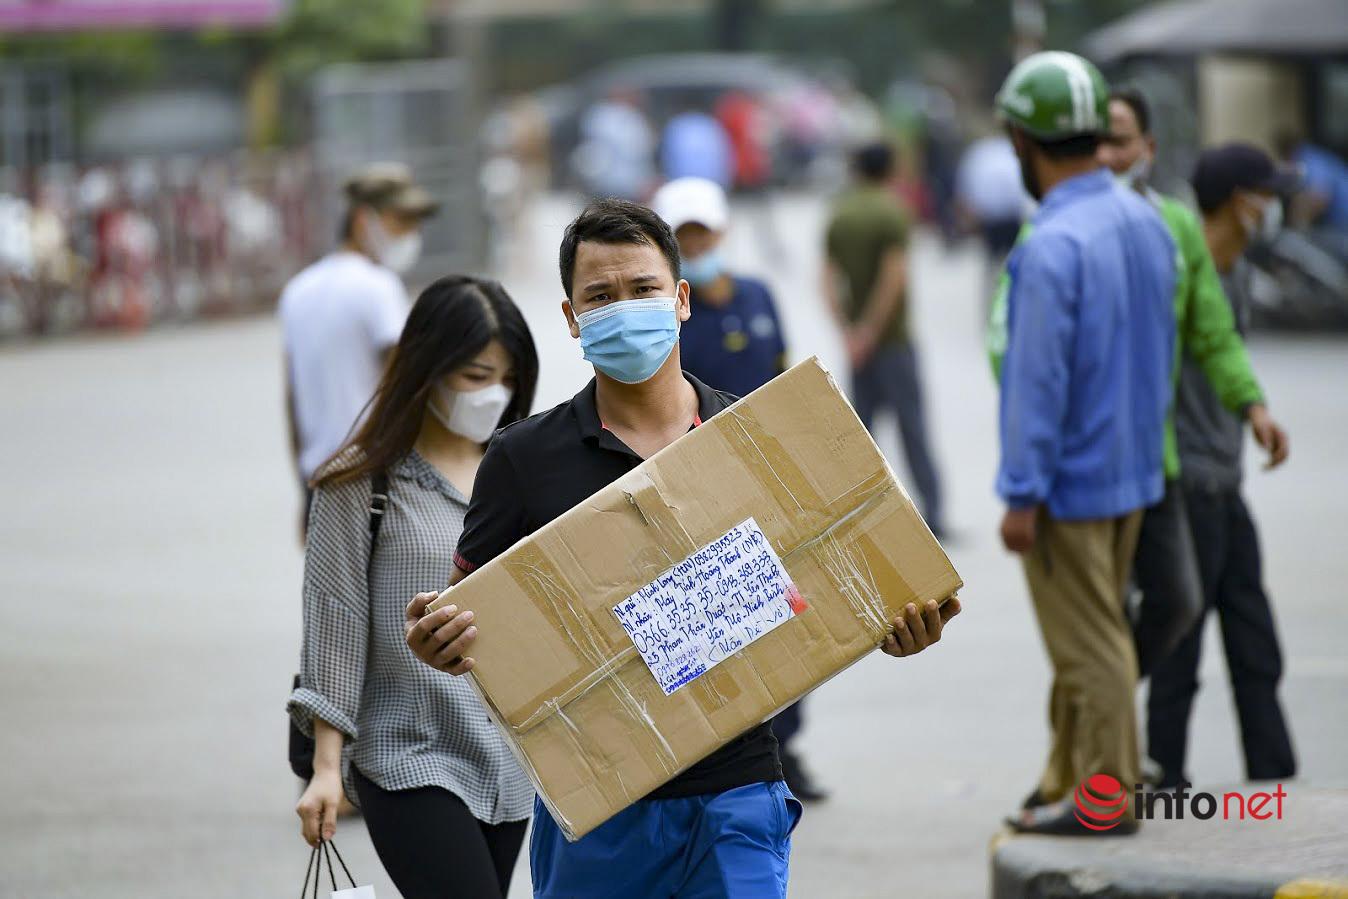 Đi siêu thị, đến bến xe, nhiều người Hà Nội vẫn 'quên' khẩu trang